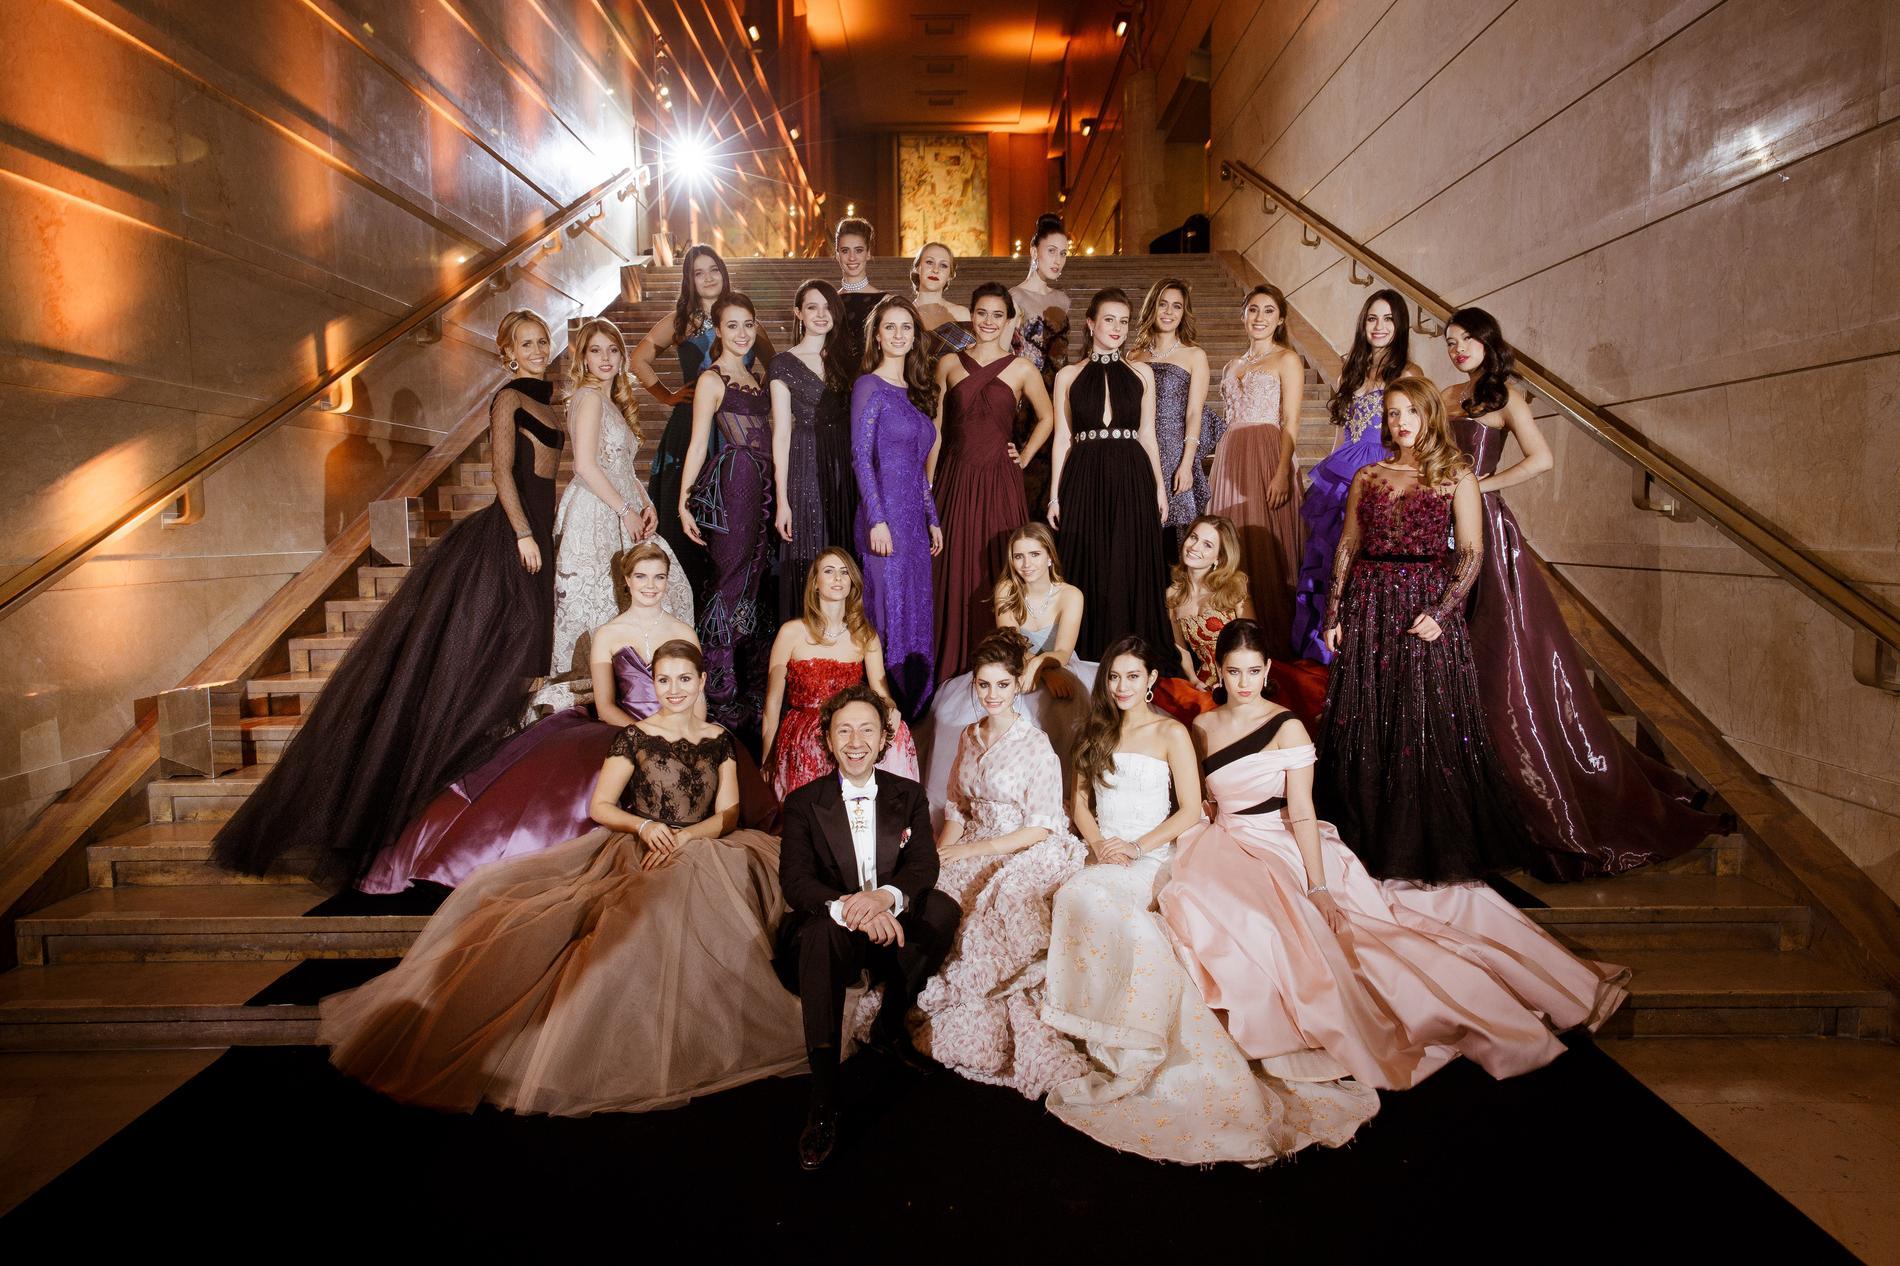 Le bal des débutantes haute société et haute couture madame figaro